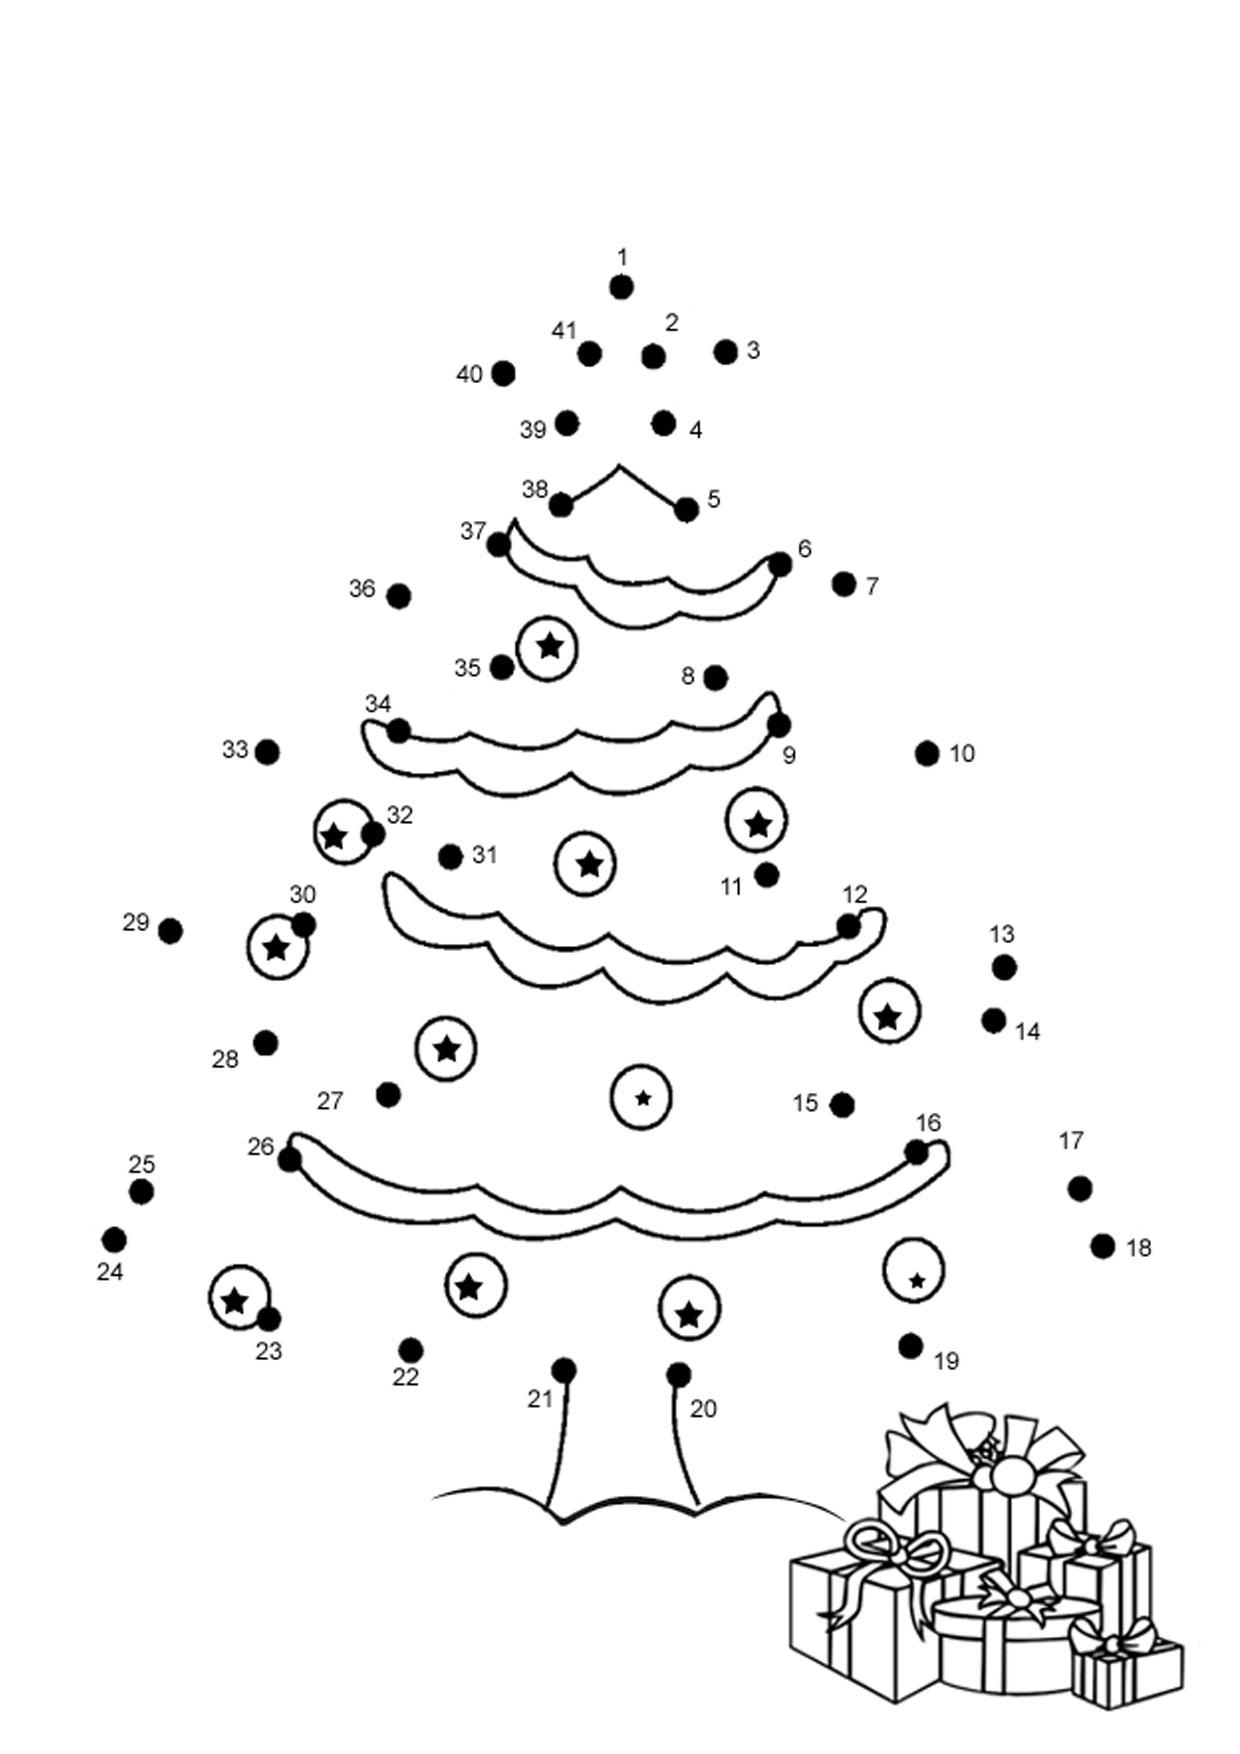 Unisci i puntini albero di Natale 1-40